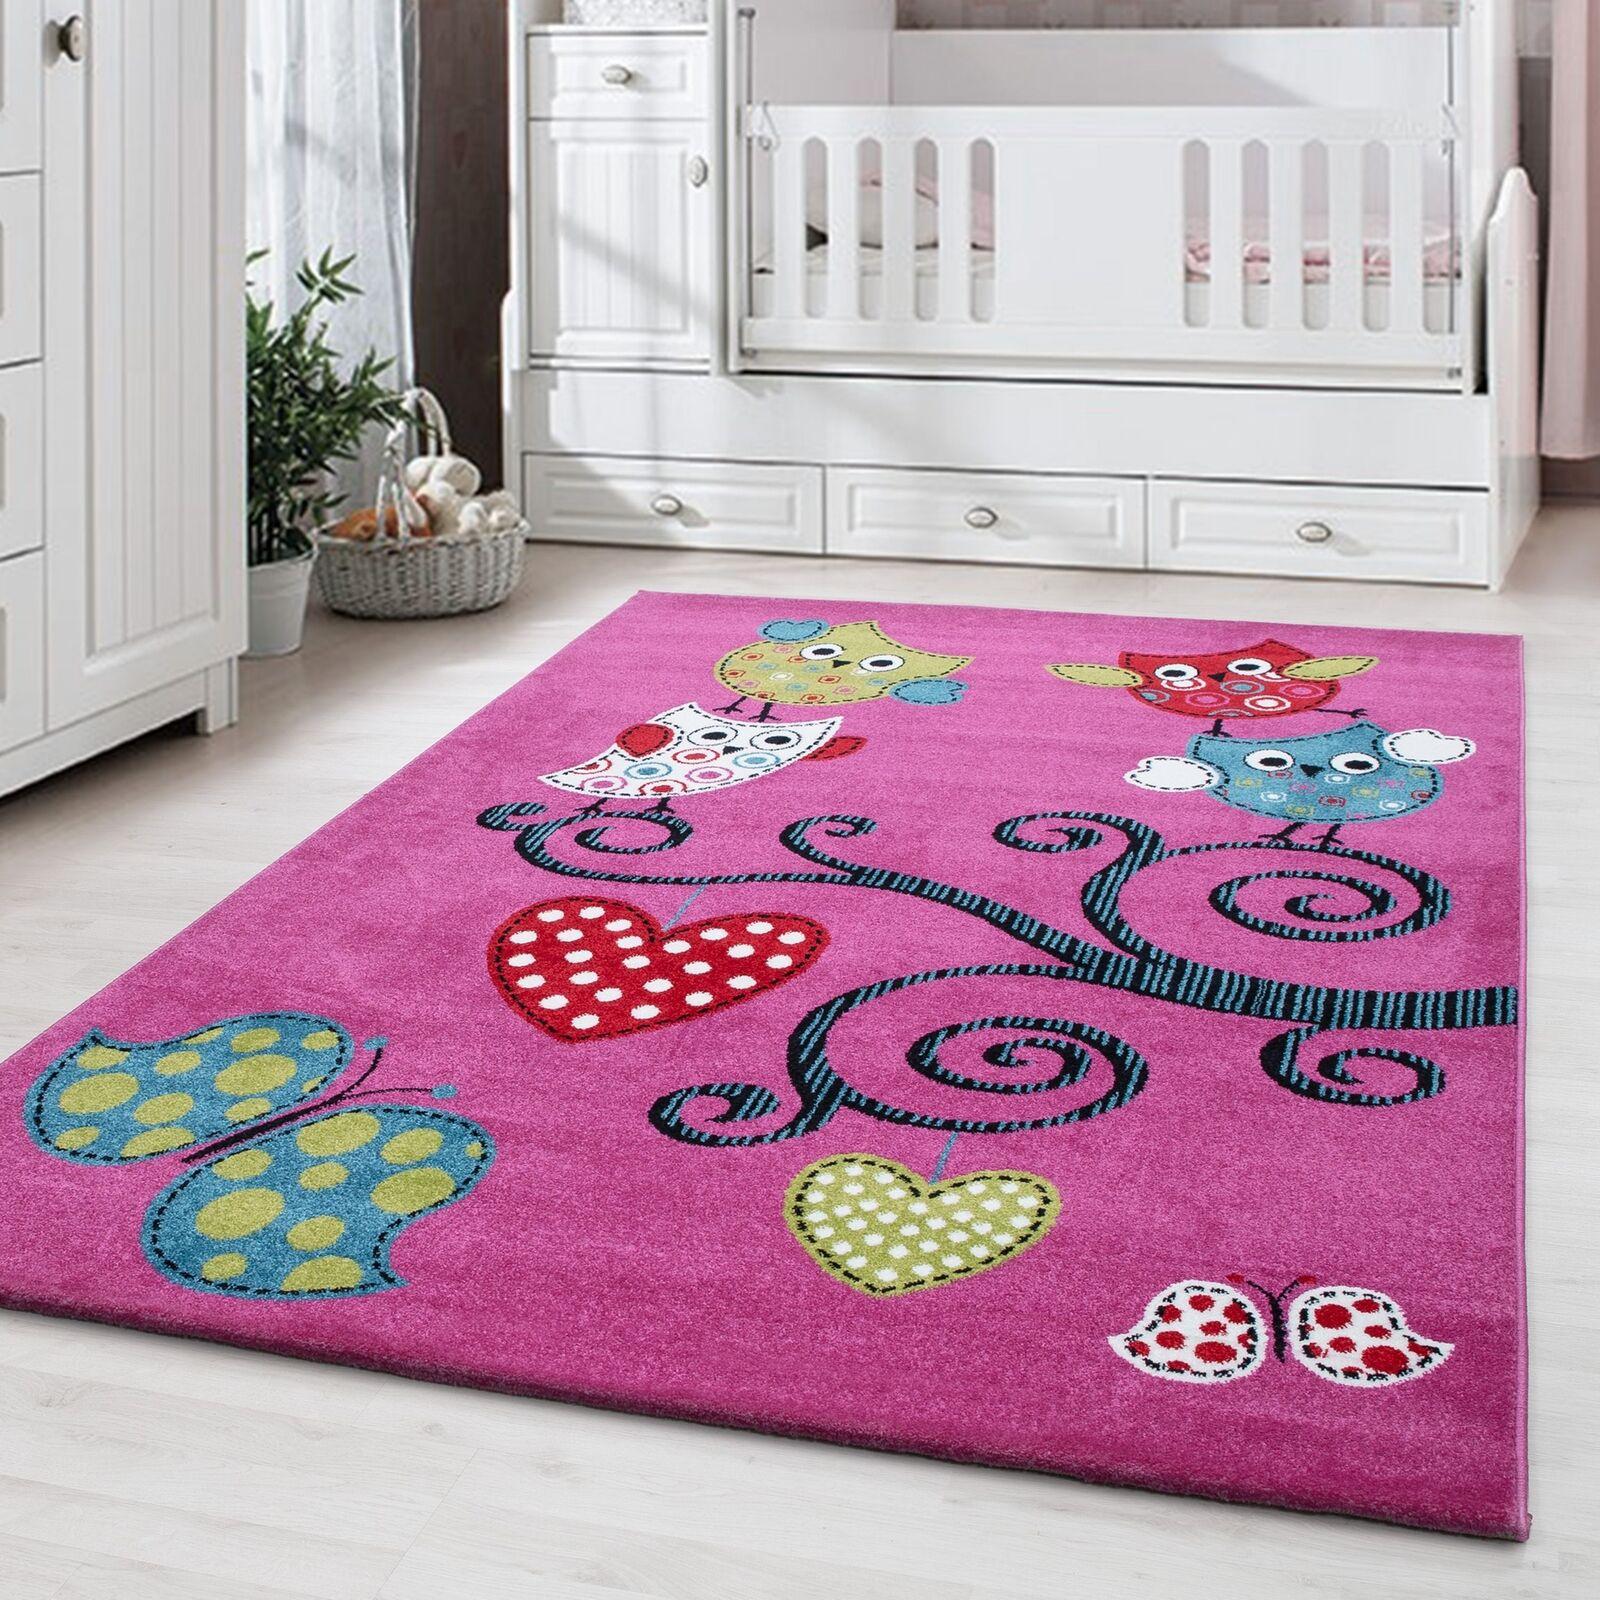 Kinderteppich Kinderzimmer Babyzimmer Bunt Niedliche Eulen Design Pink Oeko Tex